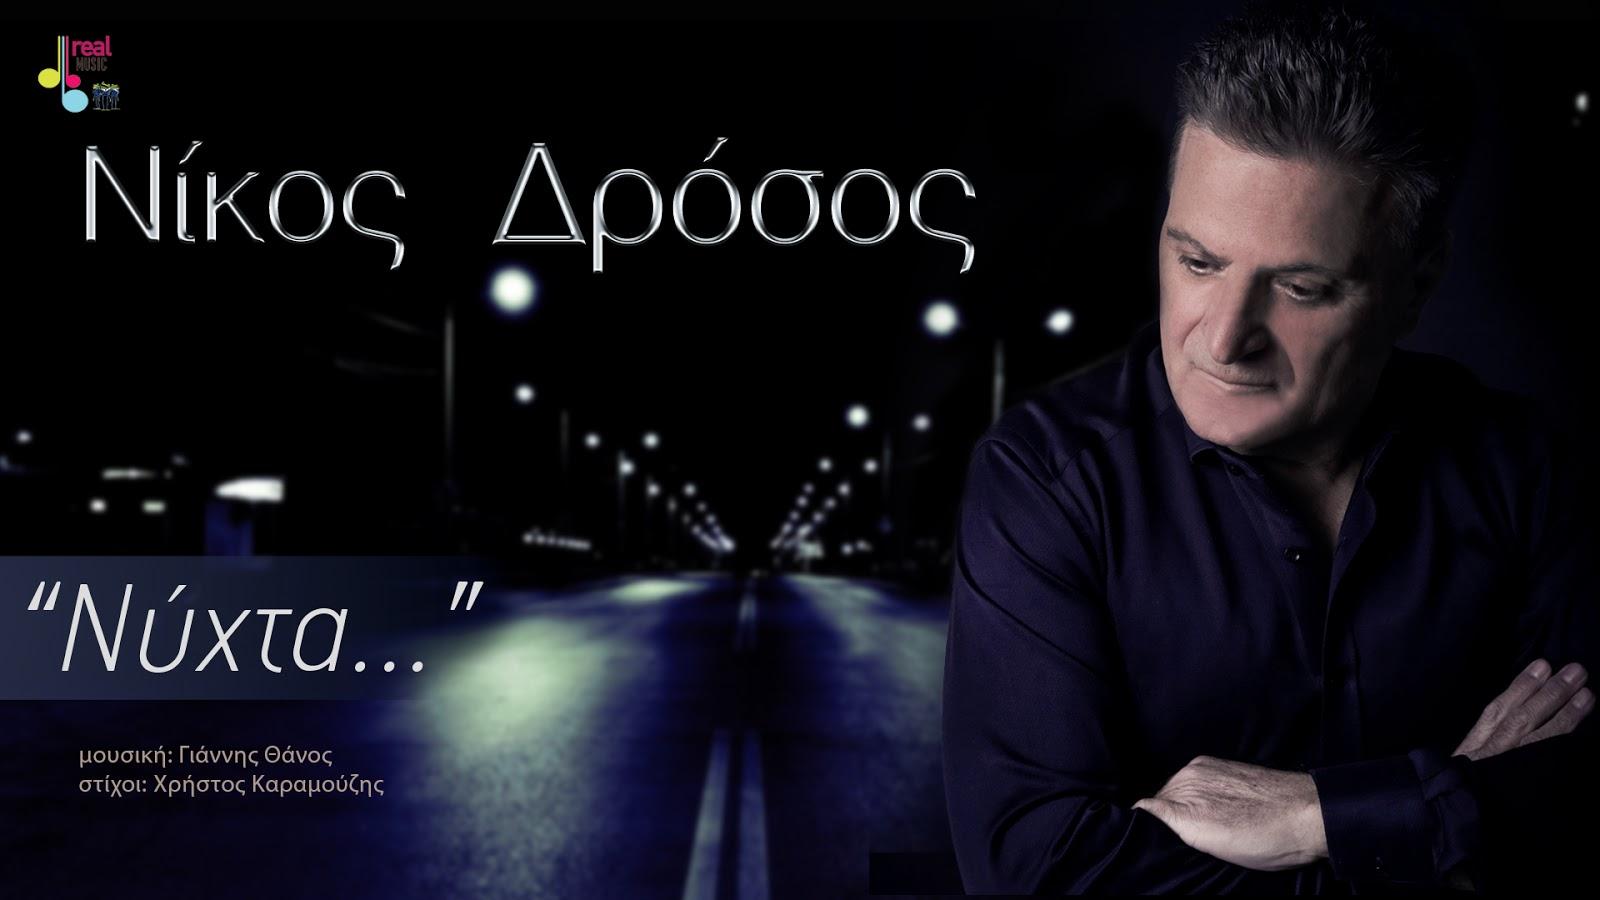 """Νίκος Δρόσος """"Νύχτα"""" - Κυκλοφορεί από την Real Music (VIDEO)"""